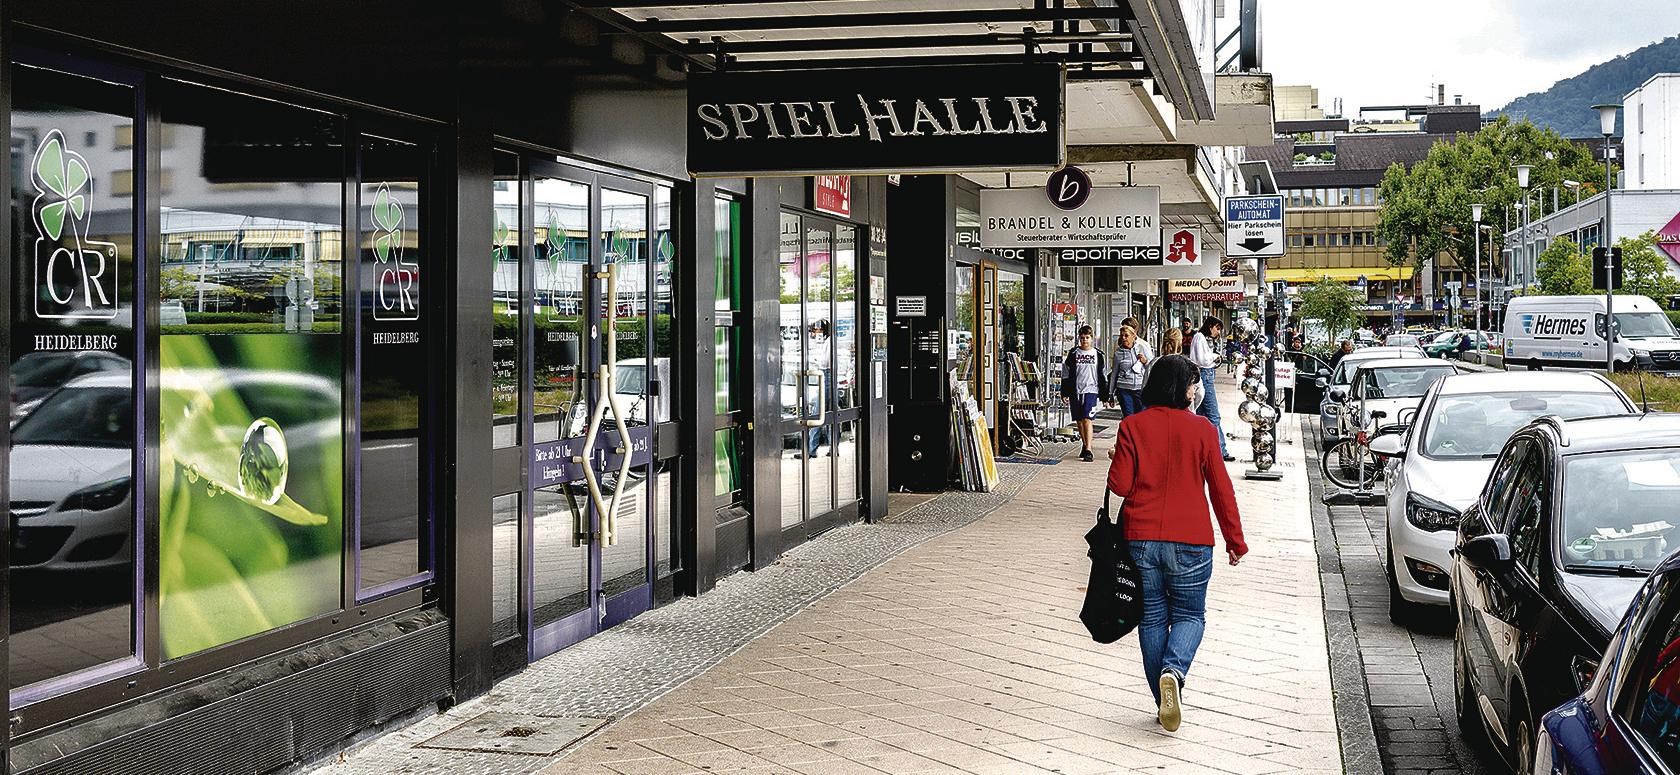 Spielhalle Heidelberg